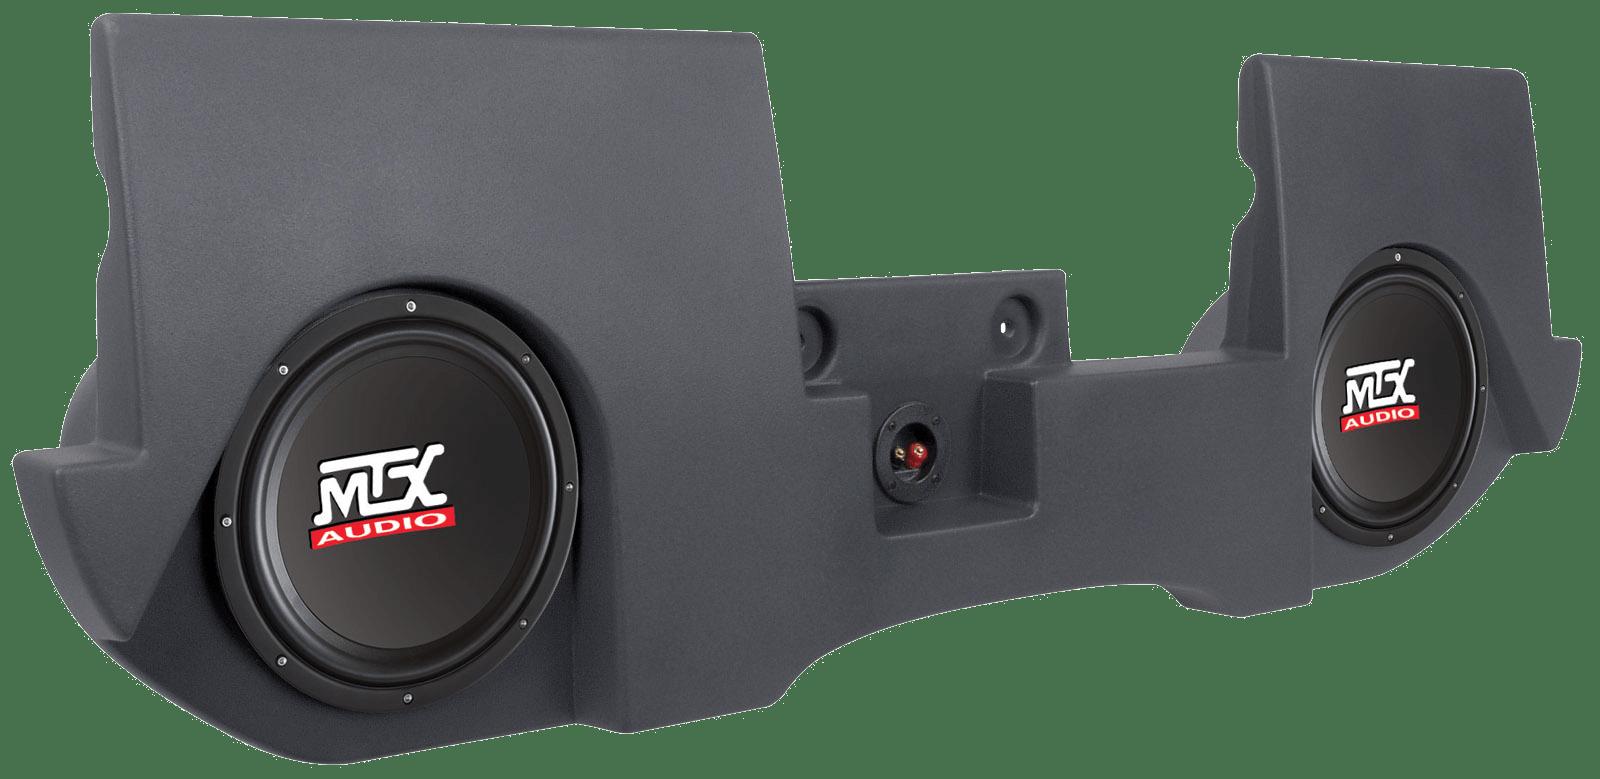 subwoofer enclosure, speaker enclosure, subwoofer box, sub box